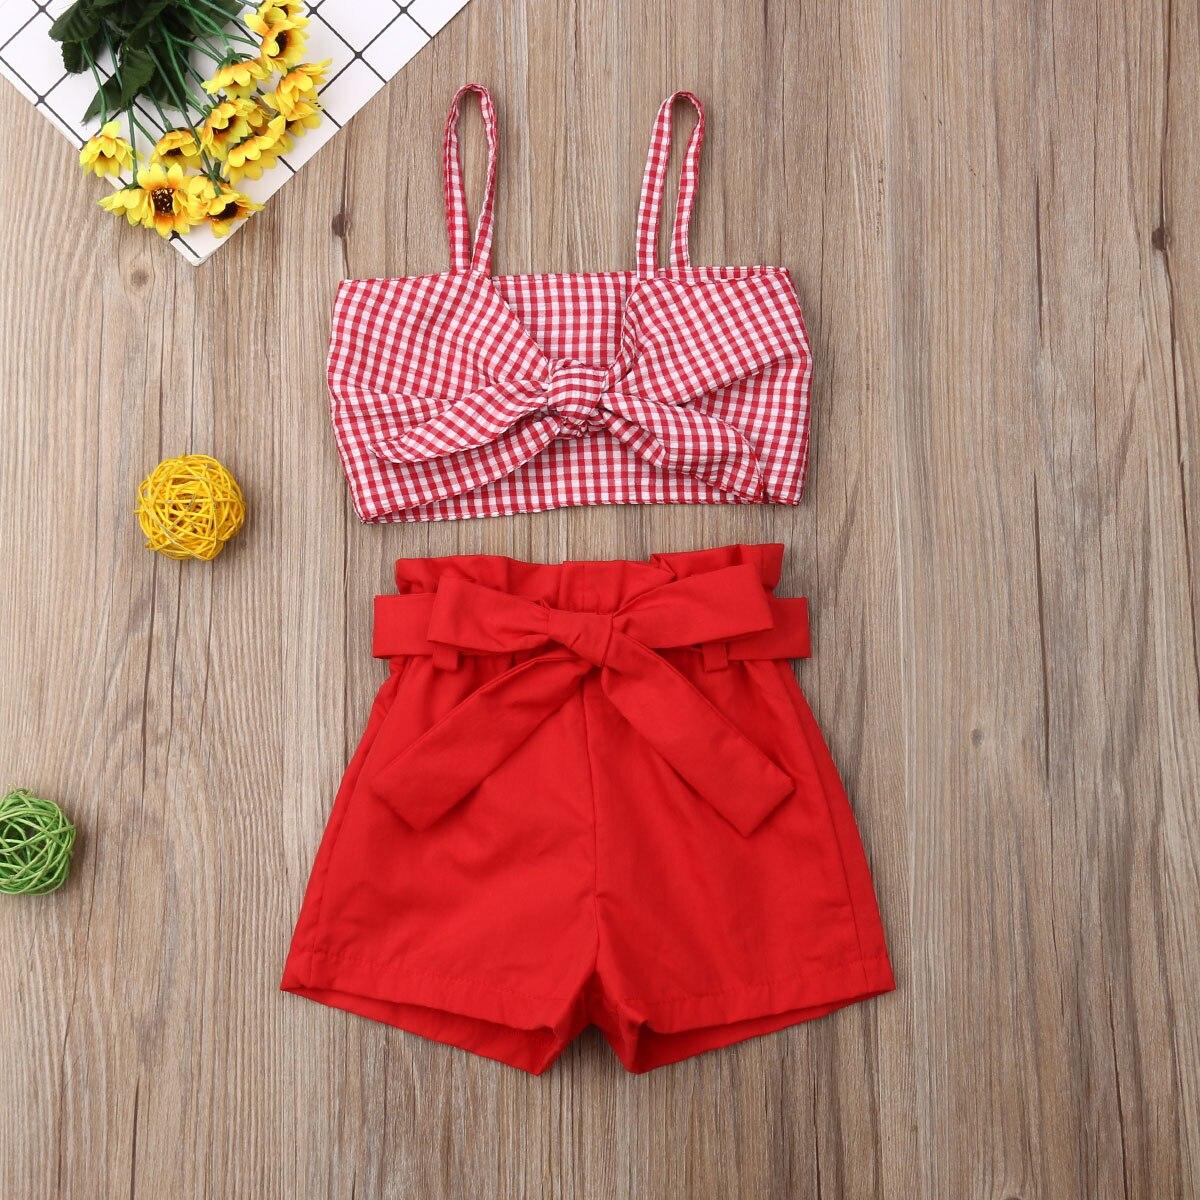 Pudcoco moda más reciente ropa de bebé para niñas pequeñas con lazo y Plaids Correa Crop blusas pantalones cortos 2 uds. Trajes ropa de verano